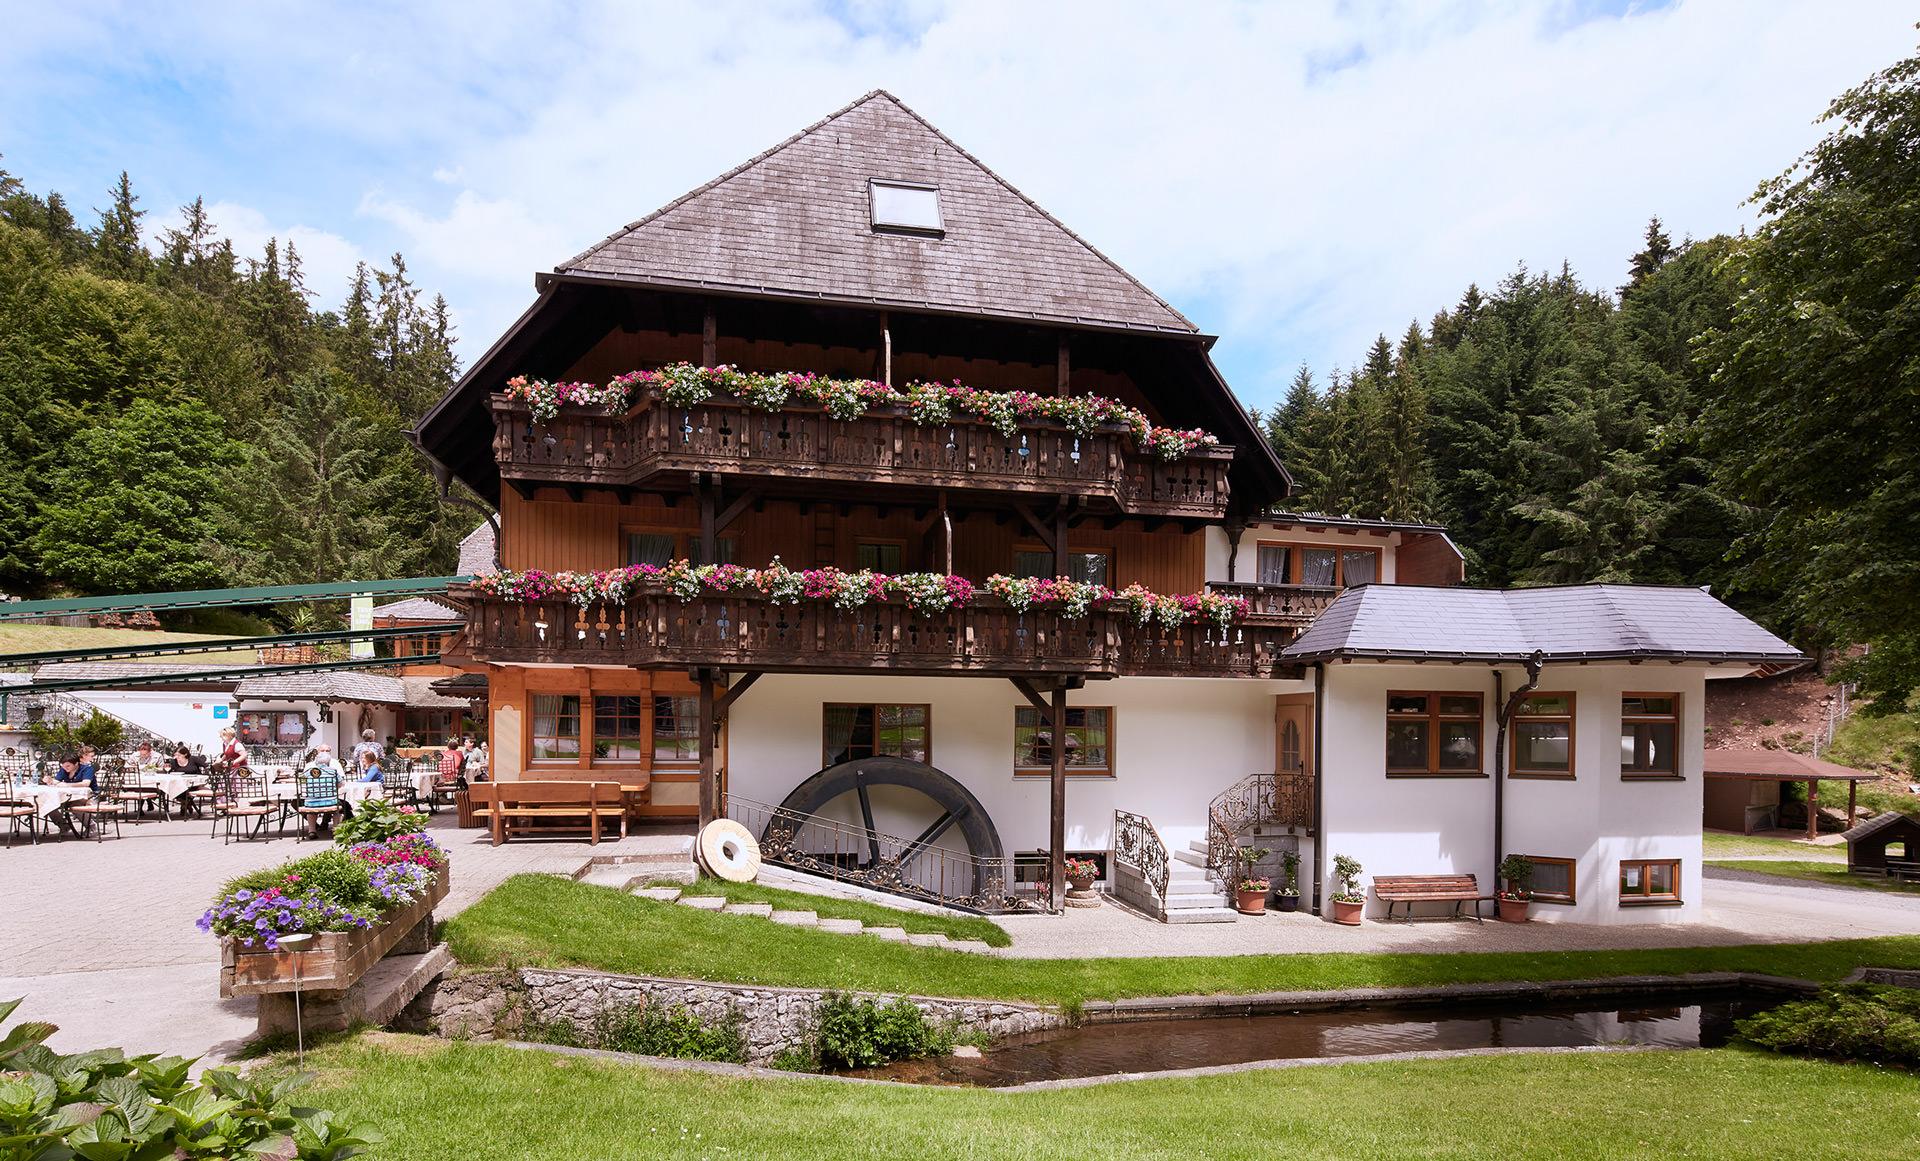 Hotels foret noire avec piscine schwarzwaldhotel - Hotel en foret noire avec piscine ...